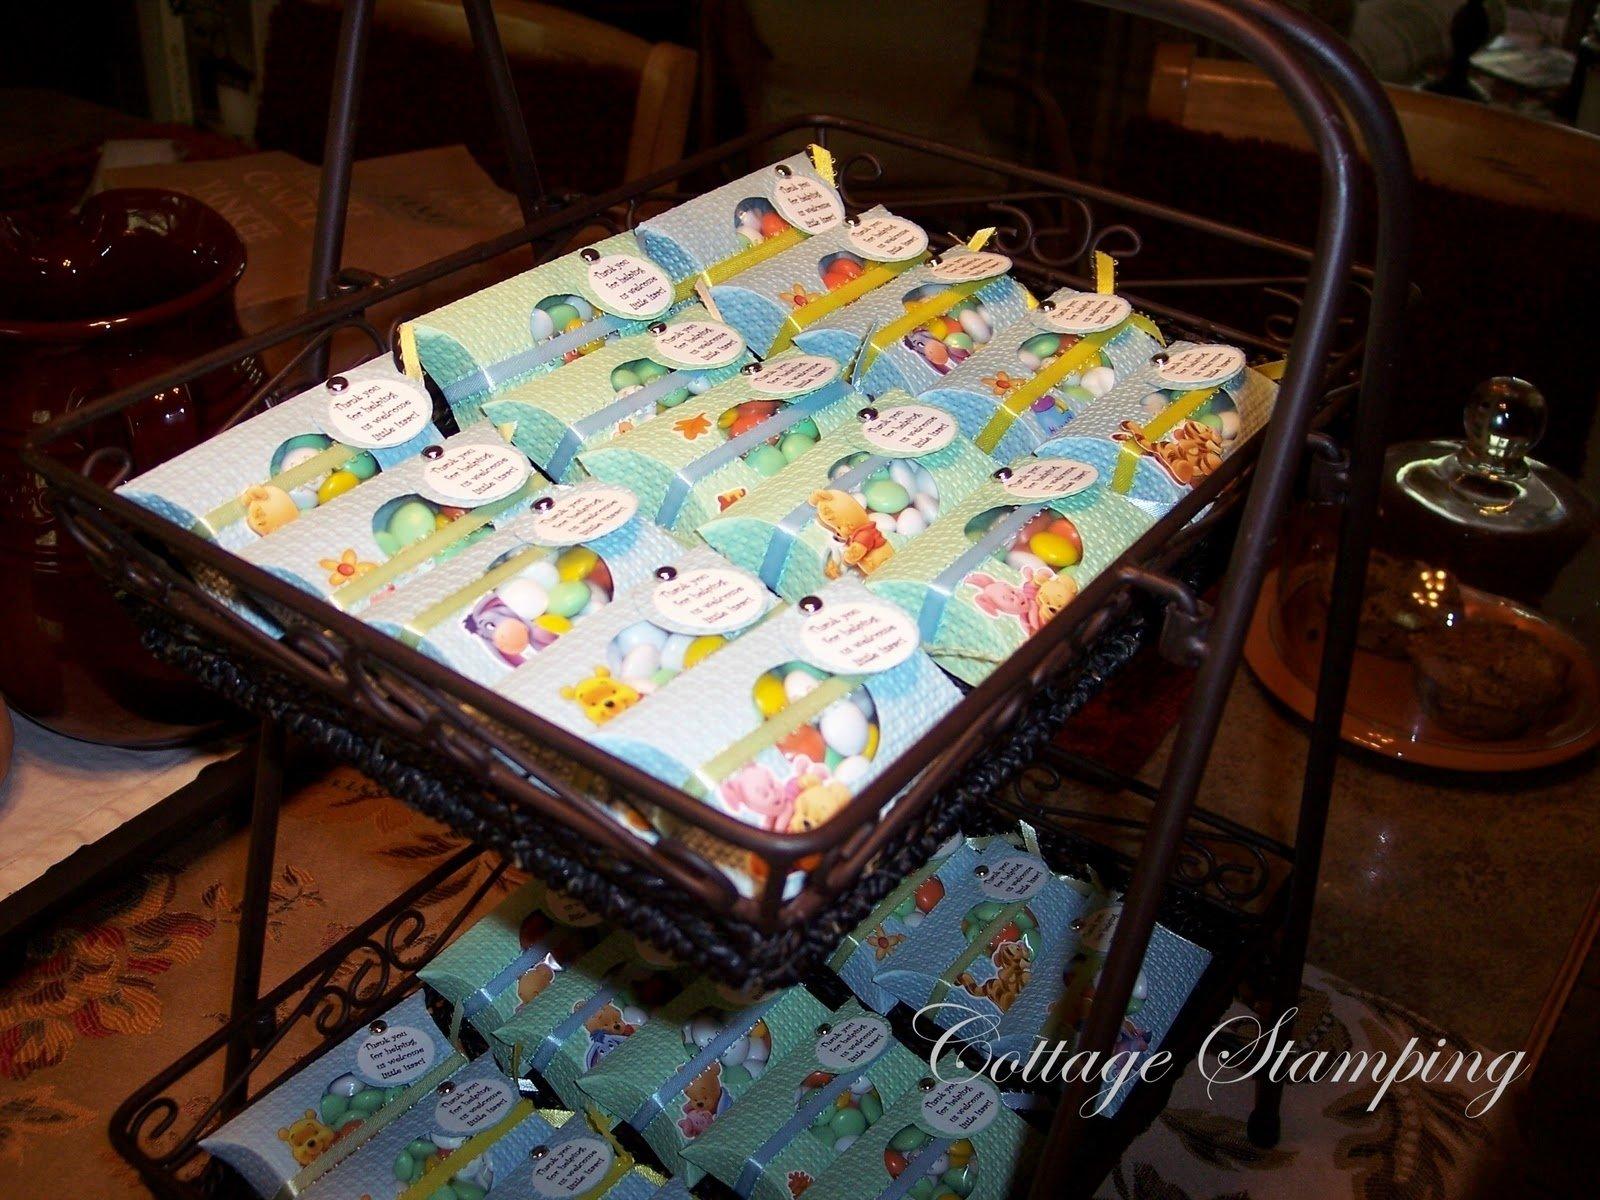 10 Stunning Winnie The Pooh Baby Shower Ideas photo winnie the pooh baby image 2021